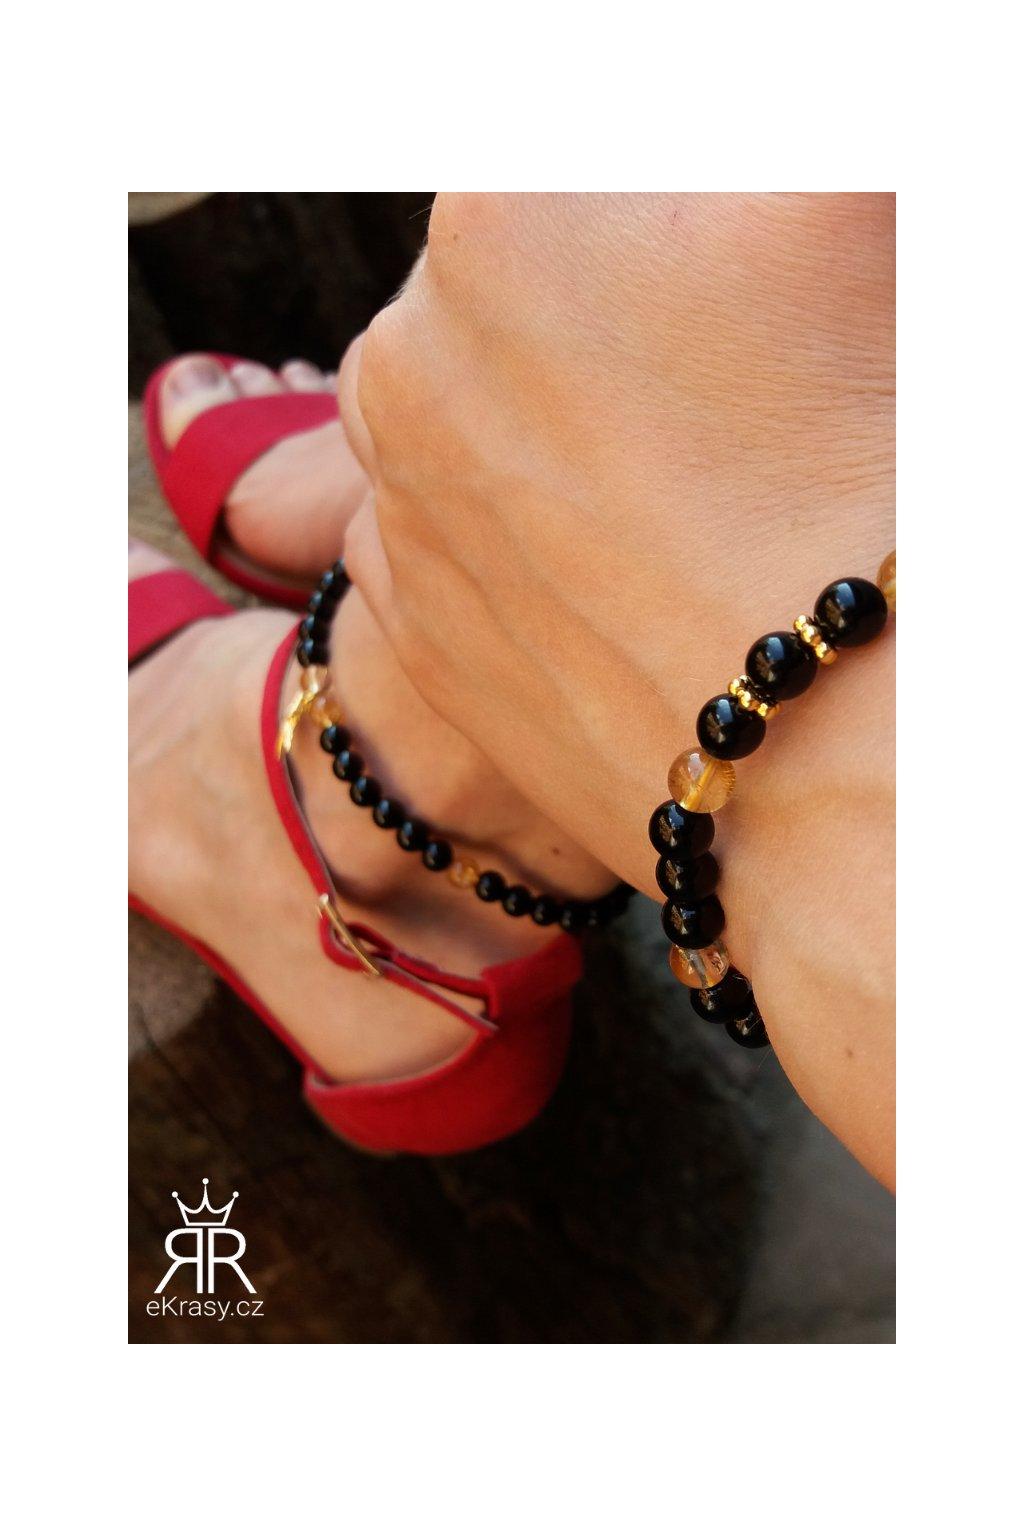 eKrasy sada Hvězda - černo žlutý náramek na ruku a nohu